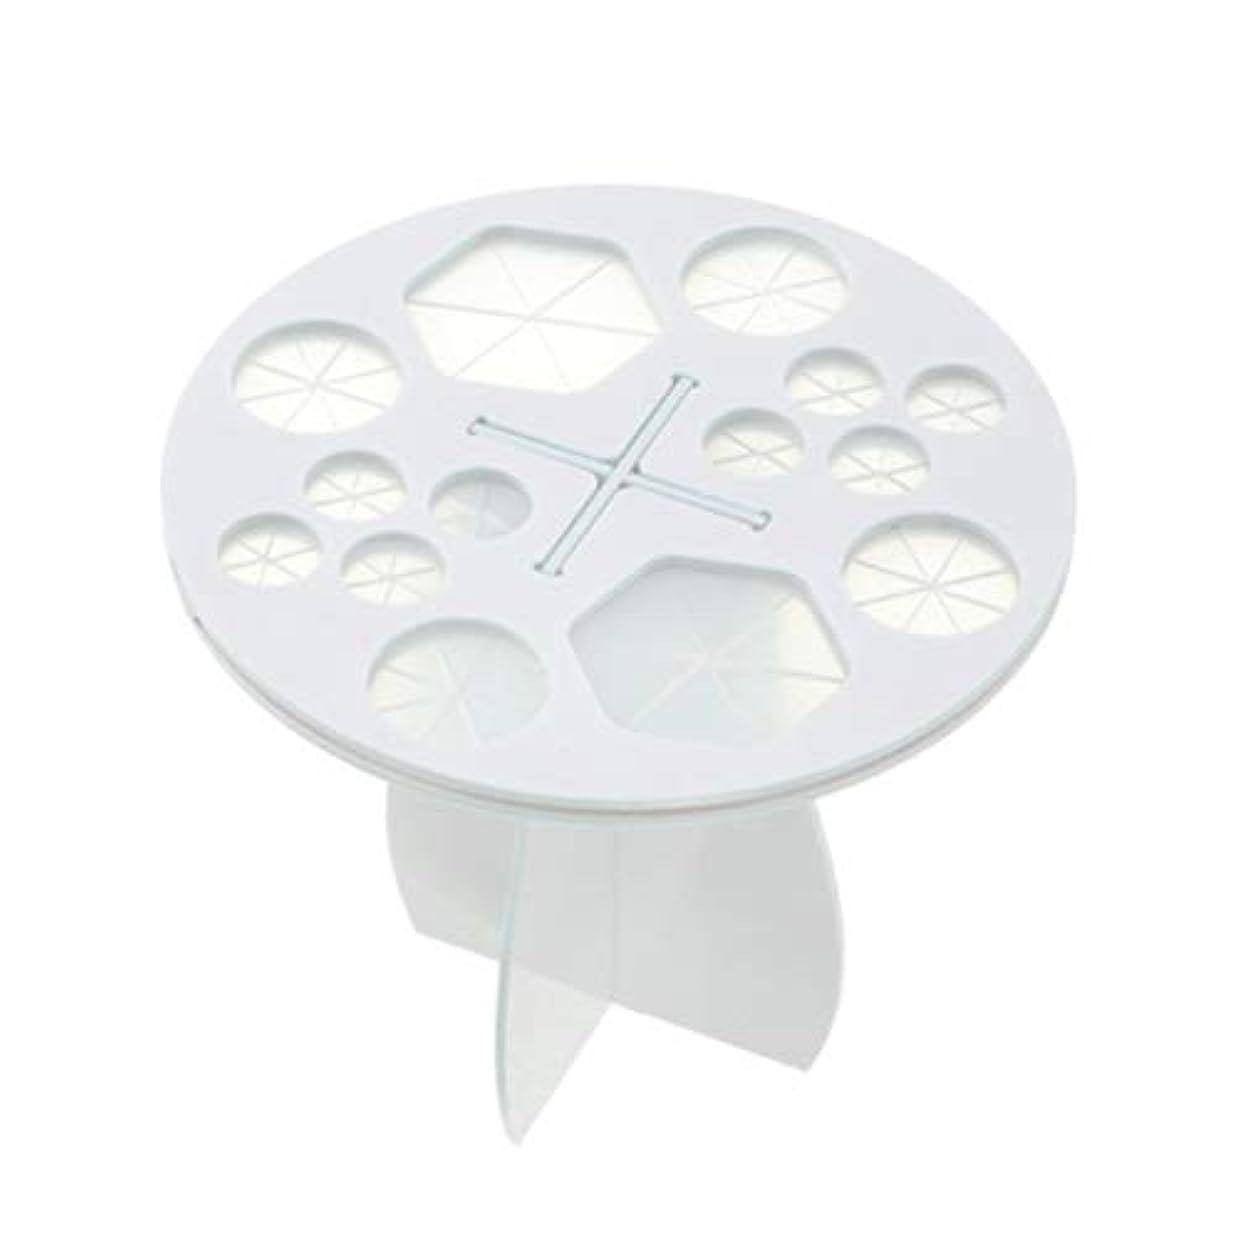 鷹むしゃむしゃ愚かFrcolor メイクブラシホルダー 化粧ブラシスタンド 化粧ブラシ干しラック 化粧筆収納 組み立て可能 14本収納可能(ホワイト)